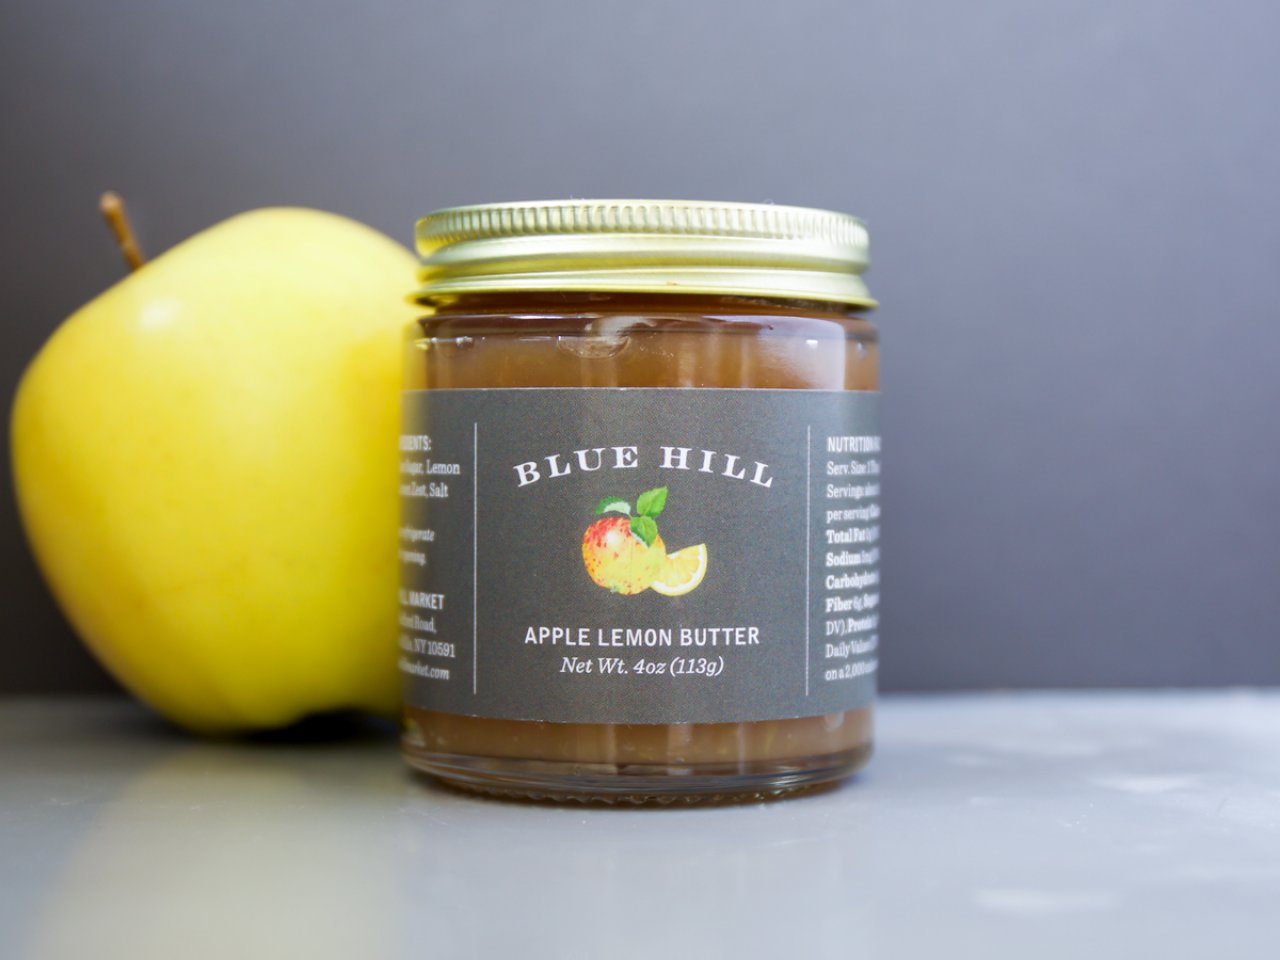 Blue Hill Apple Lemon Butter